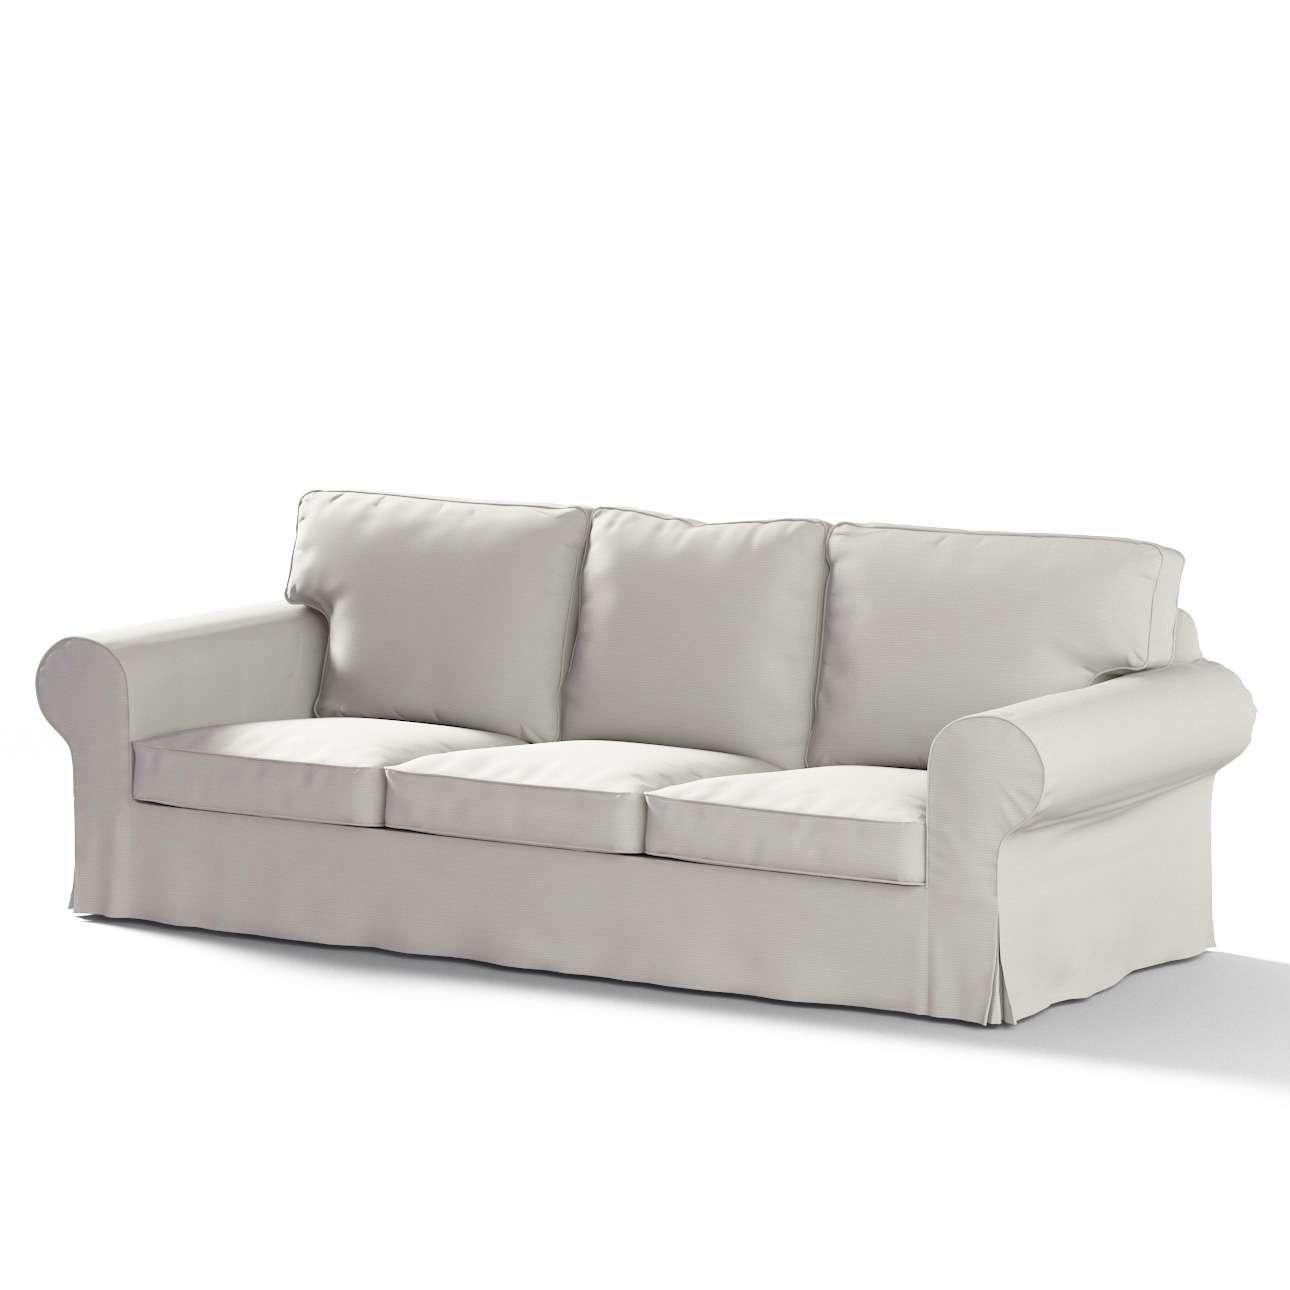 Pokrowiec na sofę Ektorp 3-osobową, rozkładaną, PIXBO w kolekcji Cotton Panama, tkanina: 702-31